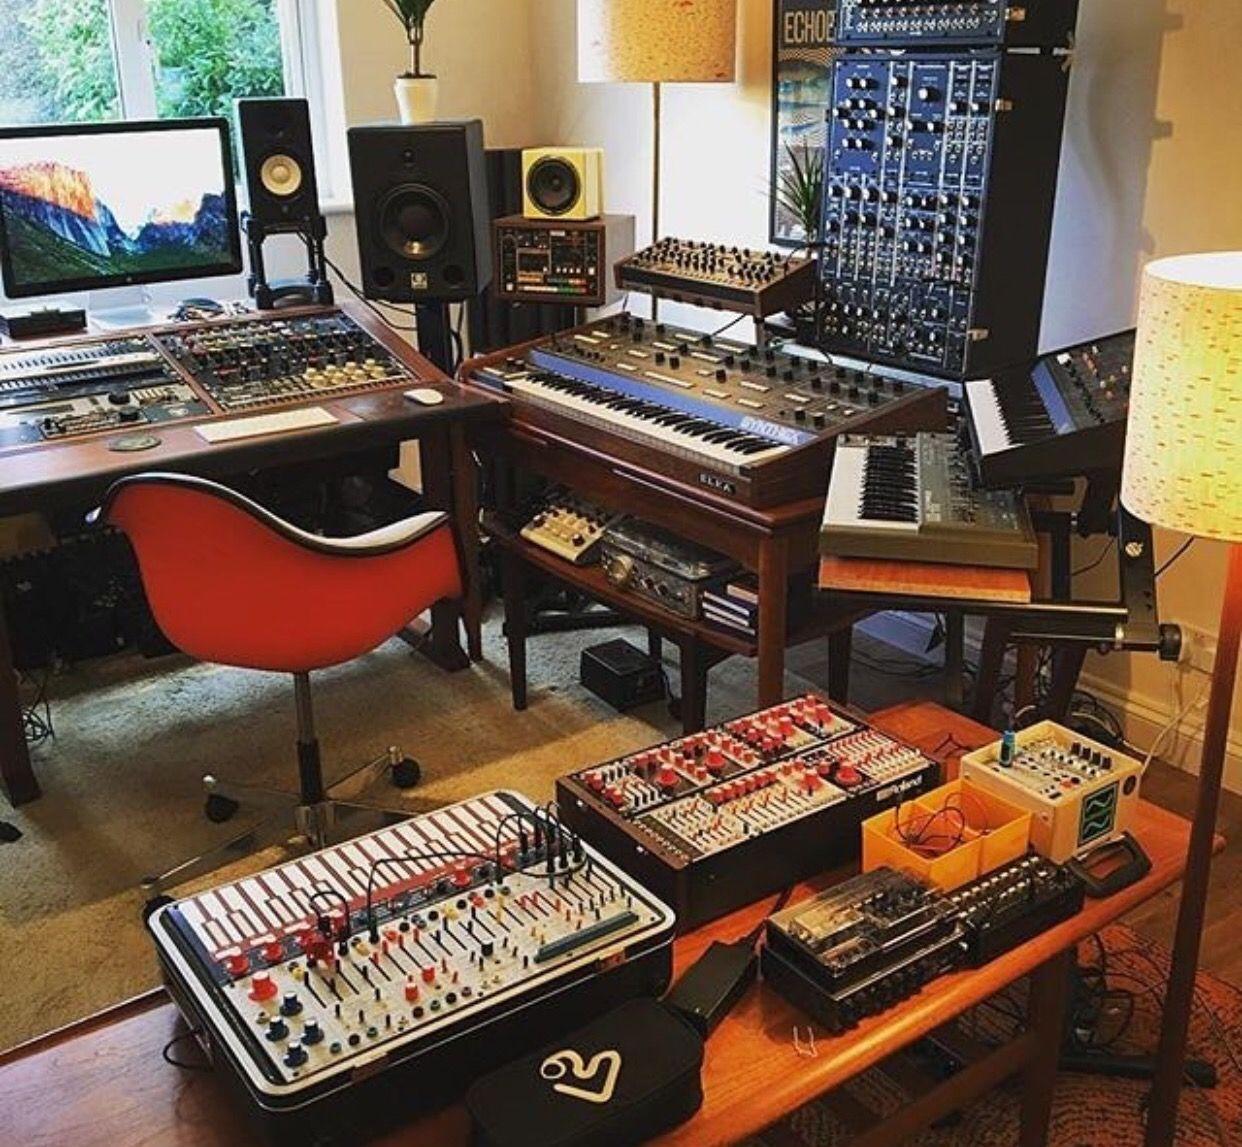 gaming desks. Black Bedroom Furniture Sets. Home Design Ideas